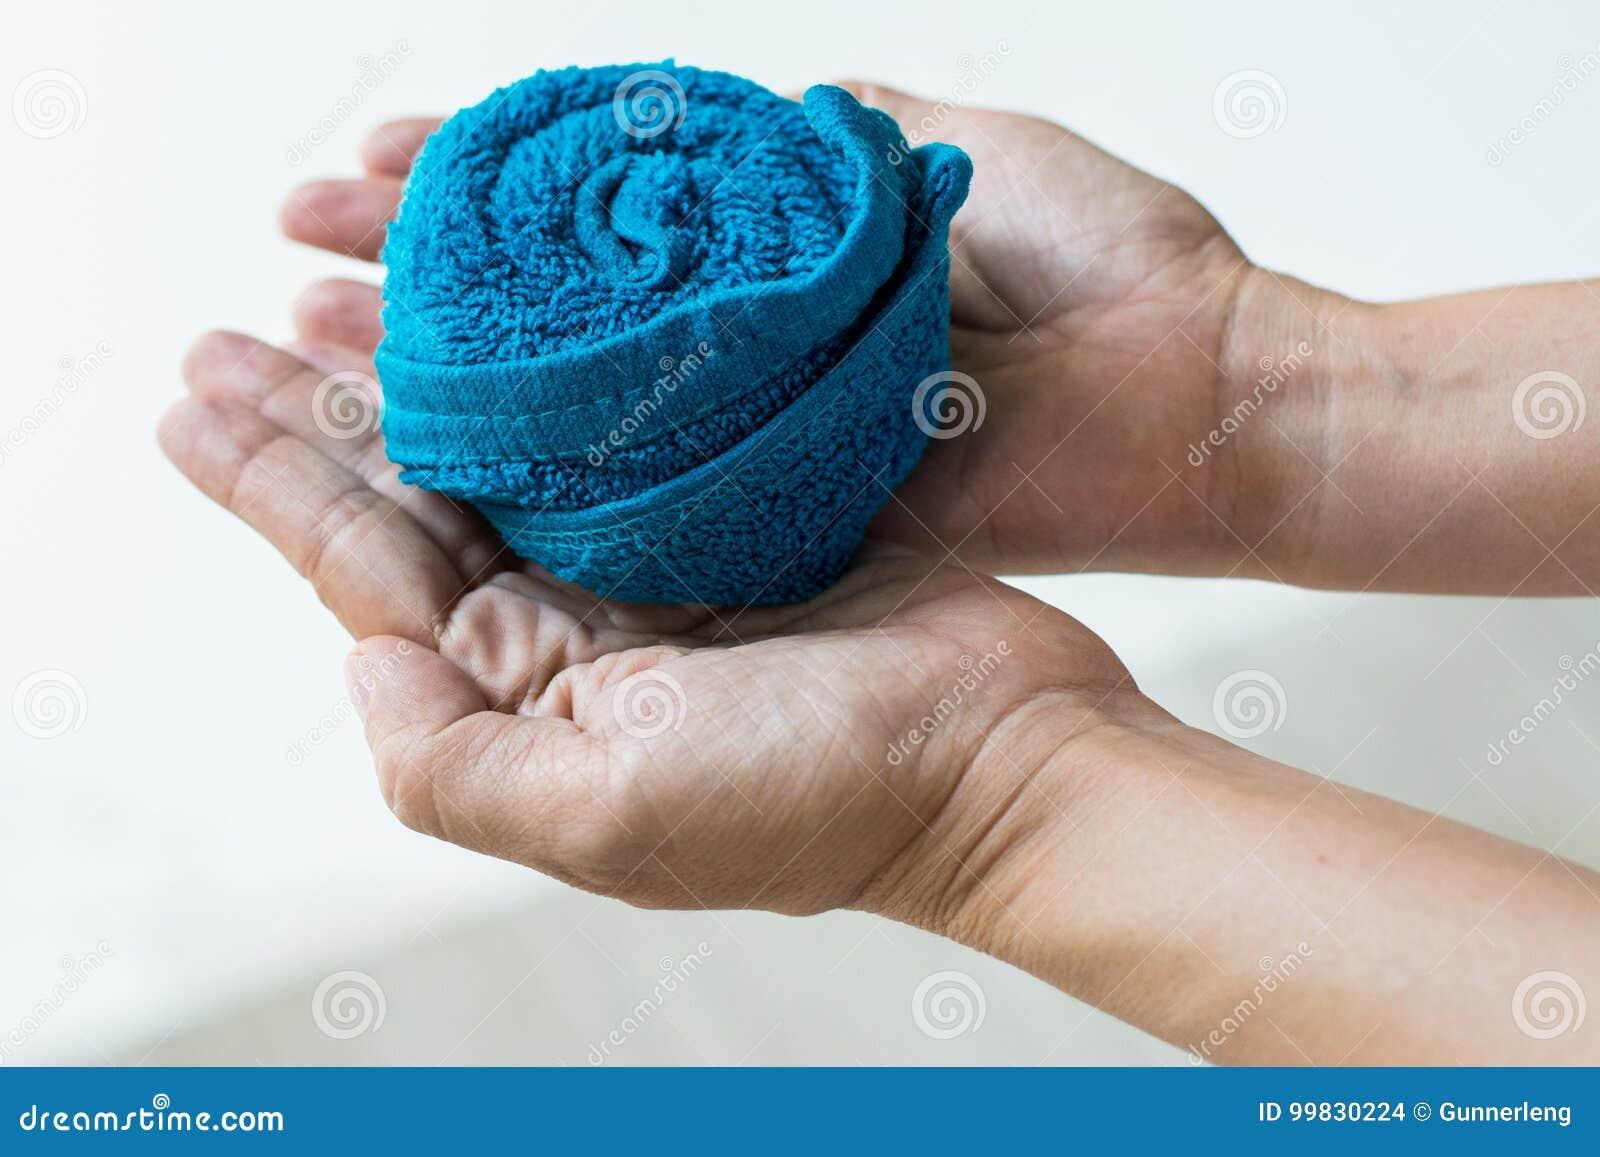 Handtuch gerolltes Design an Hand